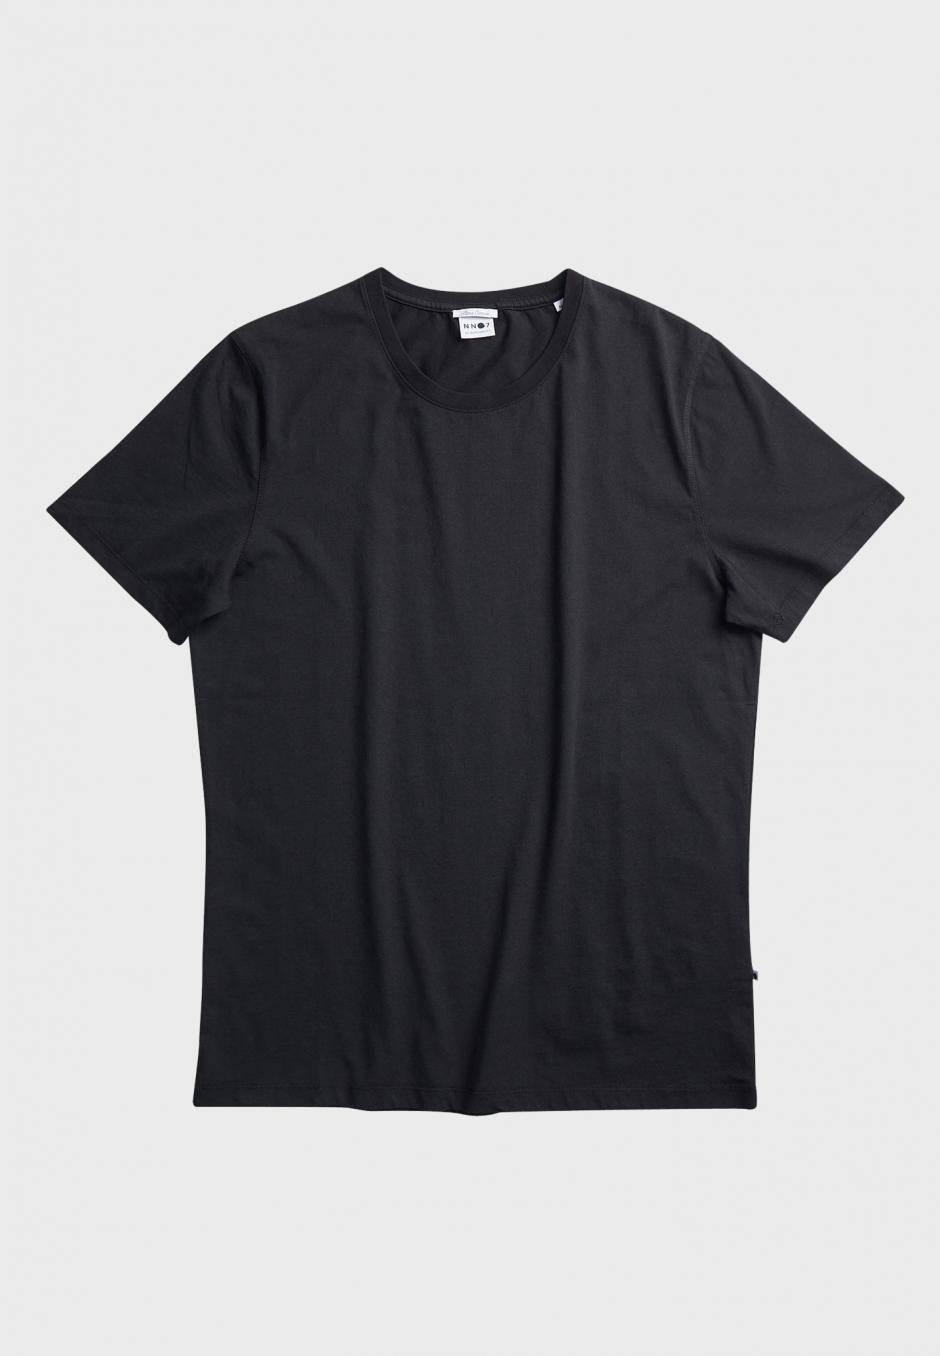 NN07 Pima Tee 3208 Cotton